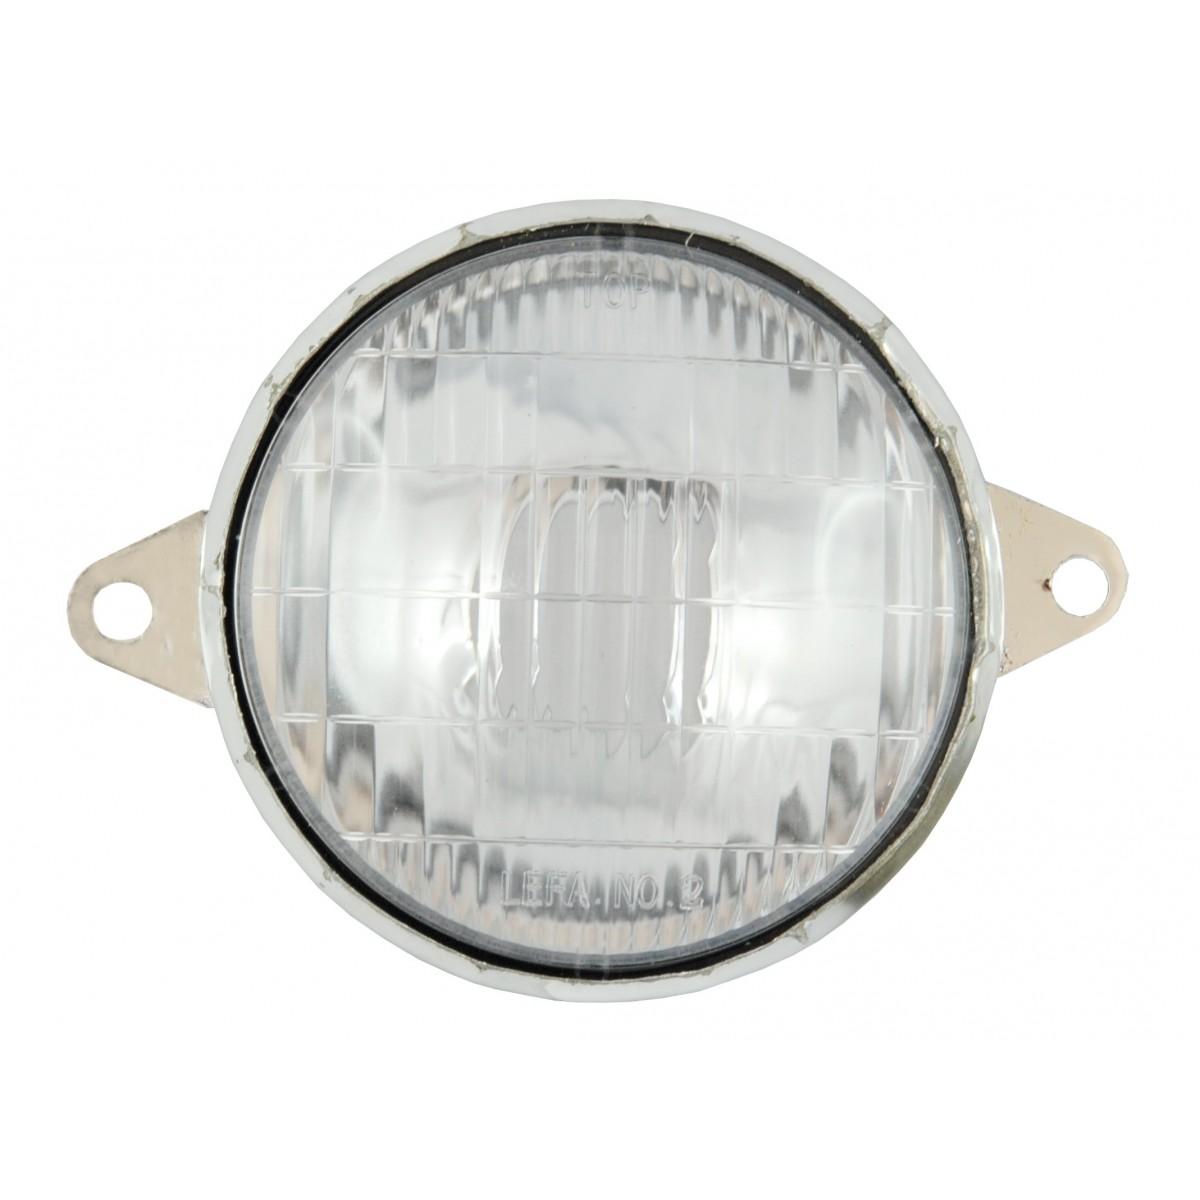 Light support Lamp shade KUBOTA B7001